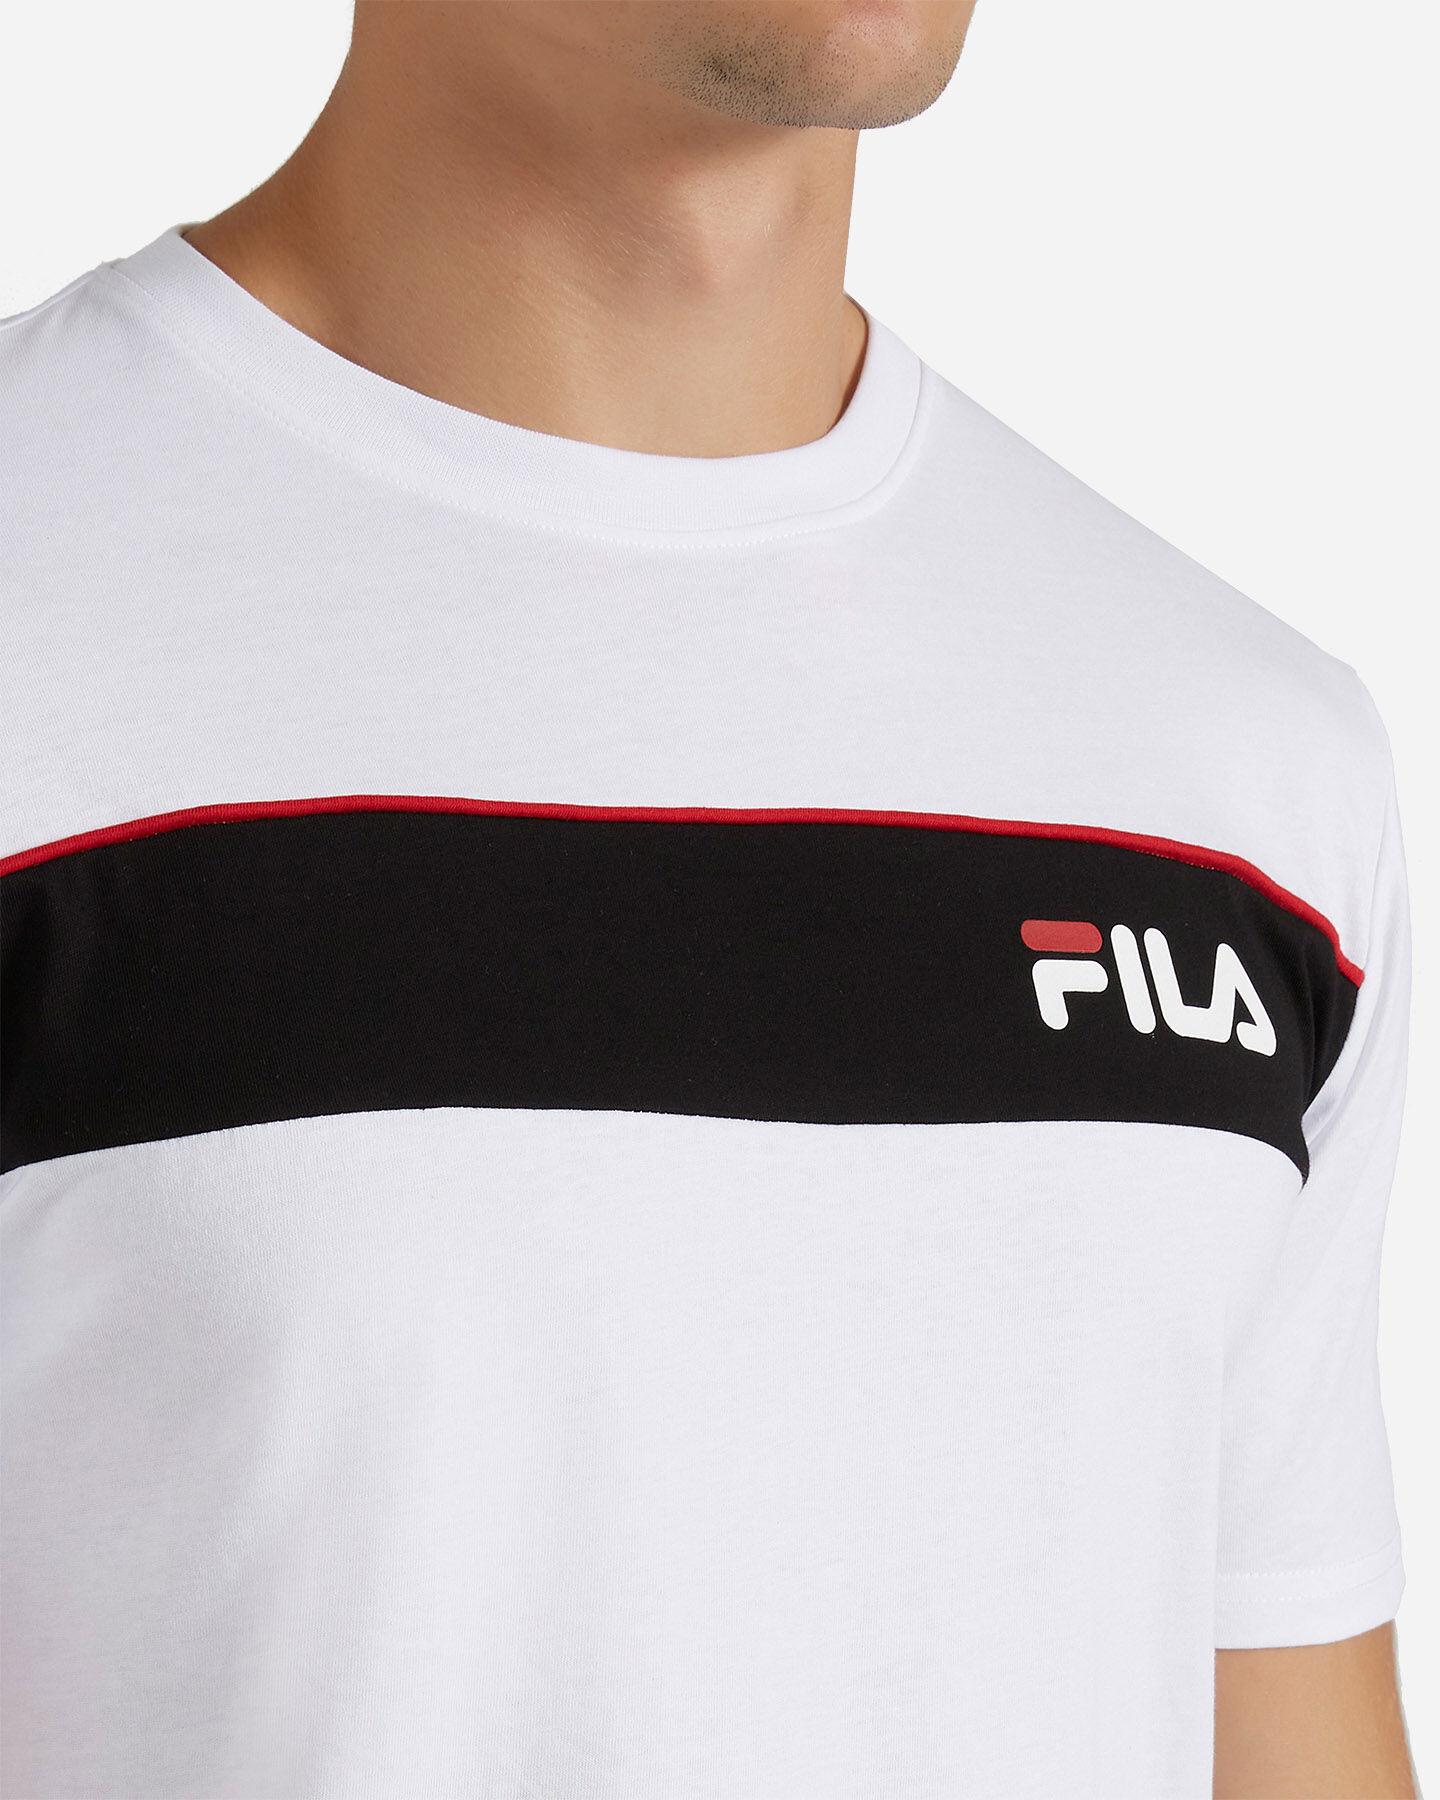 T-Shirt FILA SM LOGO M S4080445 scatto 4